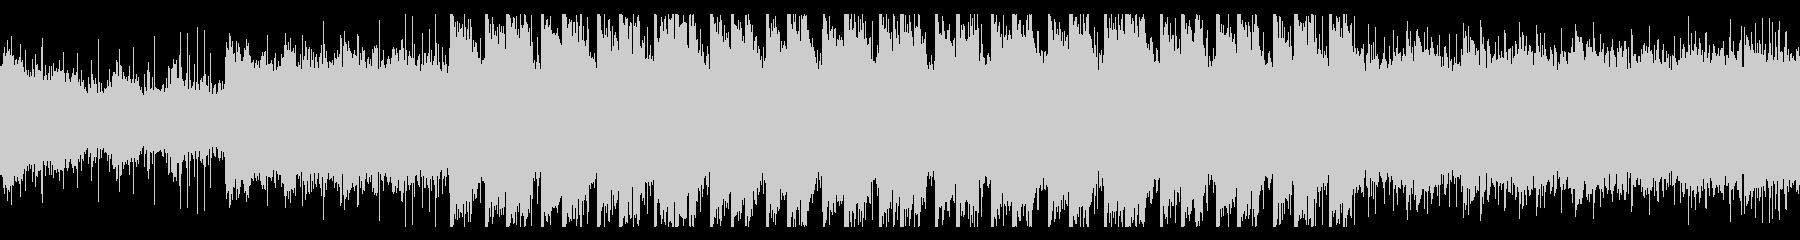 ダーク×ミニマル×エレクトロニカの未再生の波形